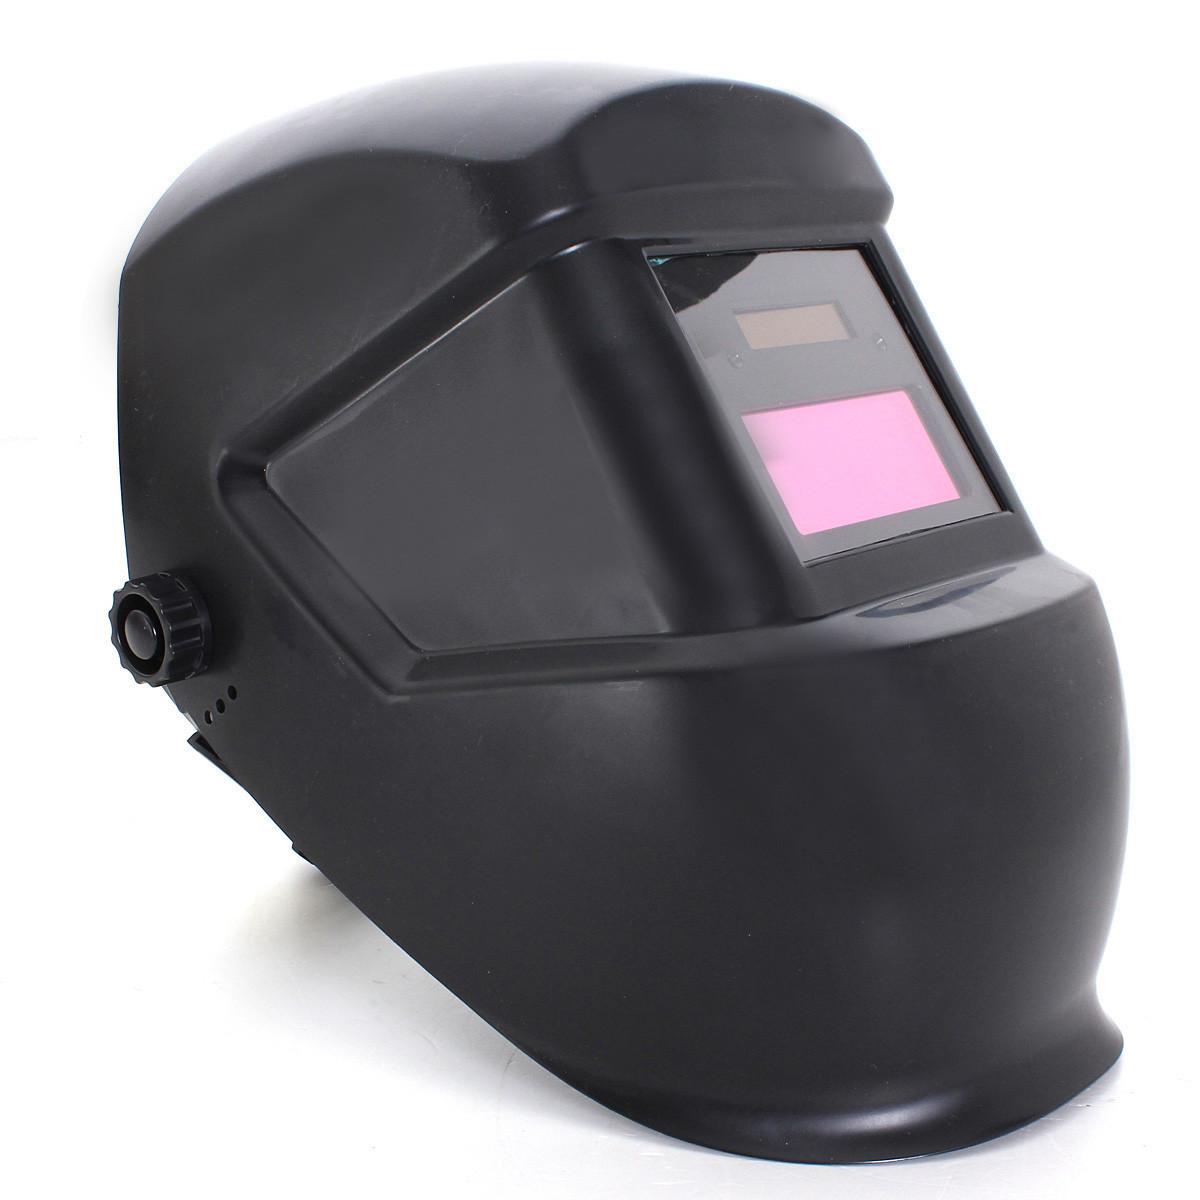 Perbandingan Harga Solar Auto Menjadi Gelap Welding Helmet Arc Tig Mig Masker Pelindung Hitam Di Hong Kong Sar Tiongkok